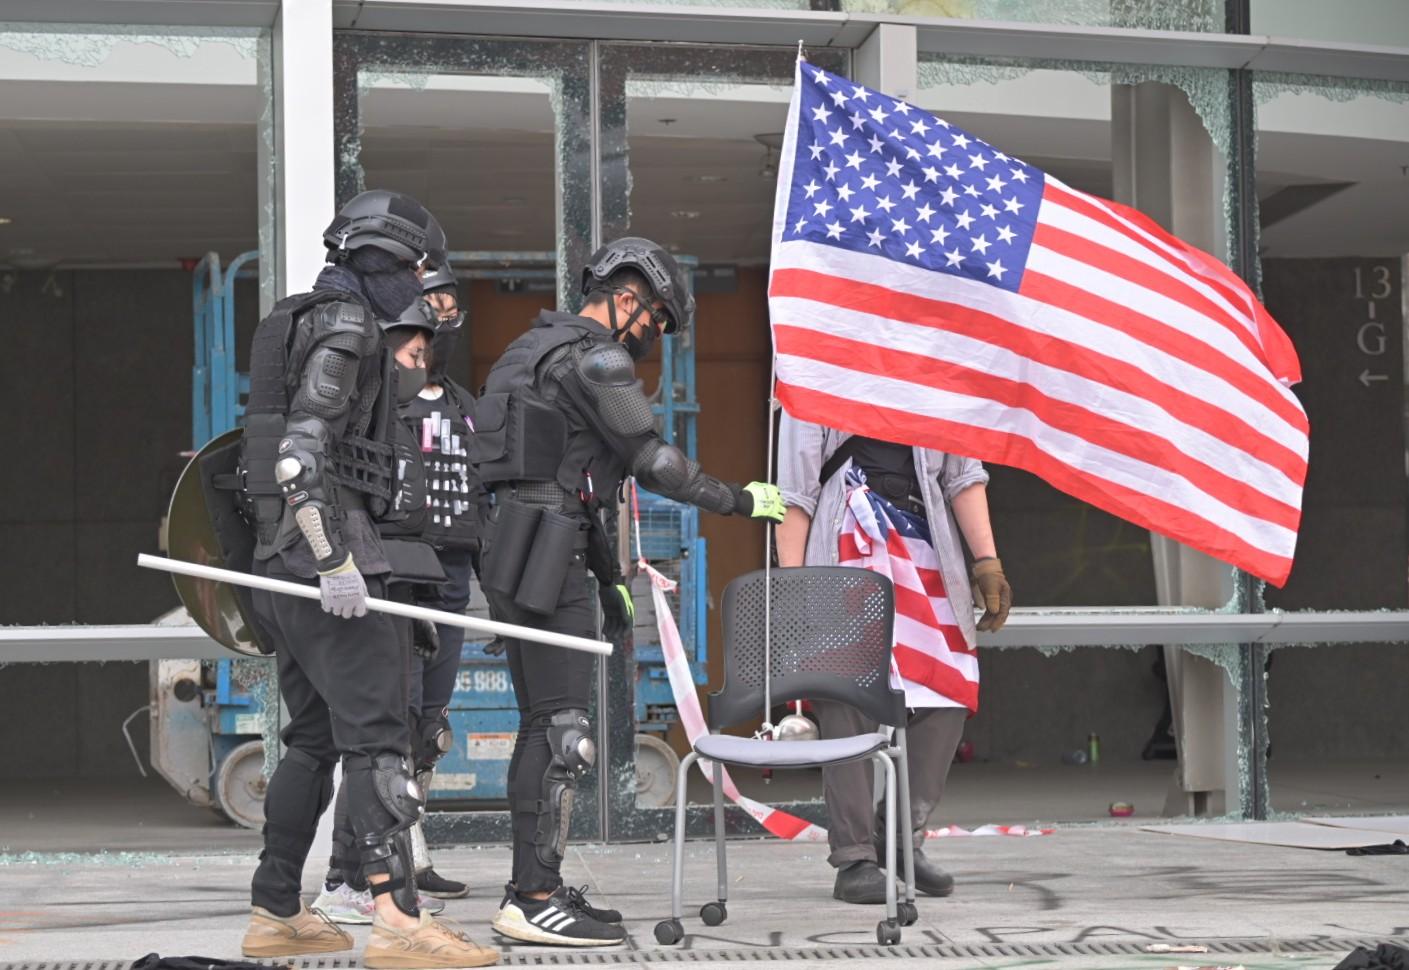 【修例风波】外交部促美停止插手香港事务 否则採取有力措施反制